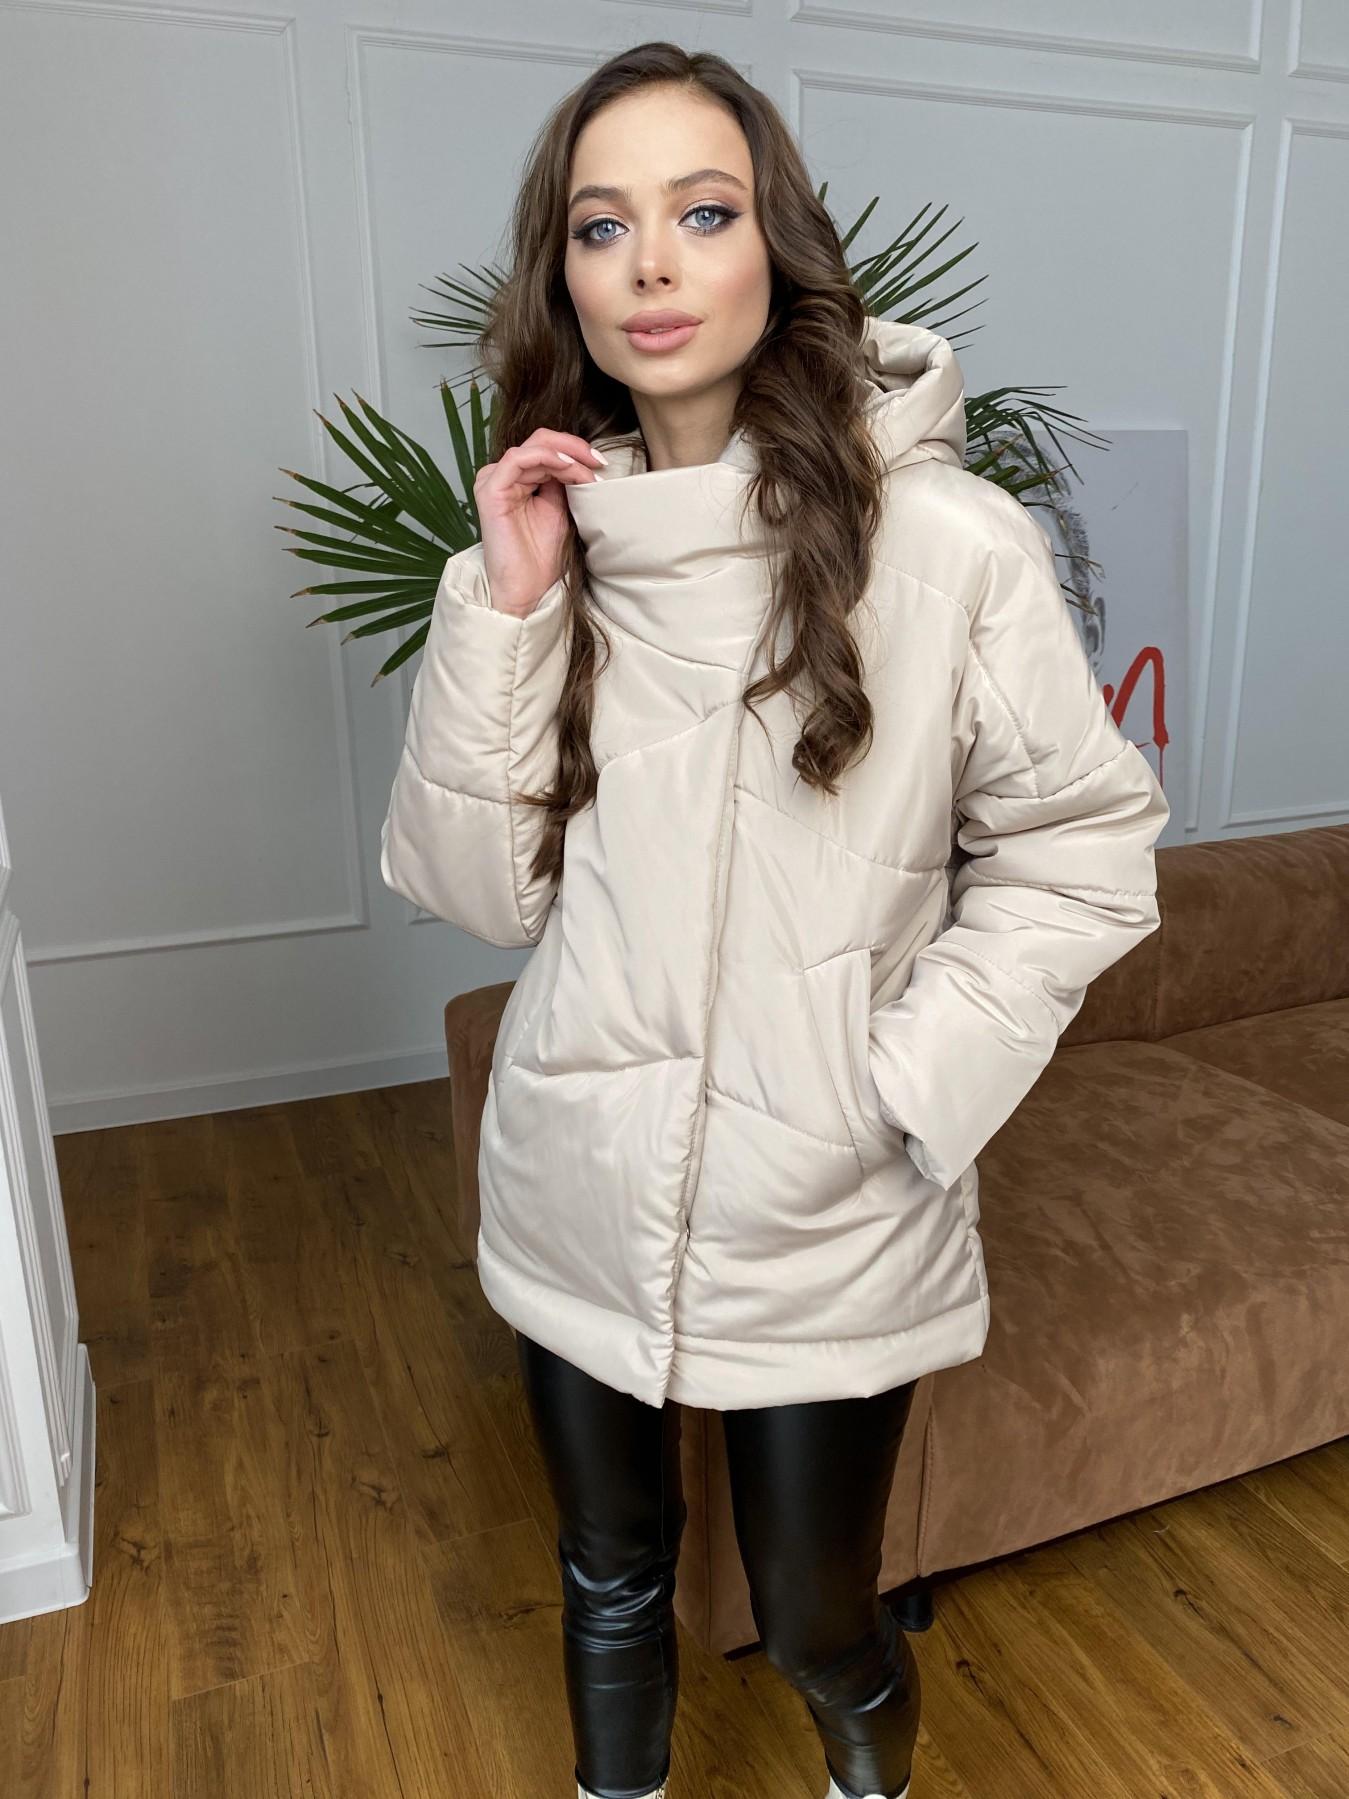 Уно куртка плащевка Ammy 10671 АРТ. 47476 Цвет: Бежевый - фото 2, интернет магазин tm-modus.ru